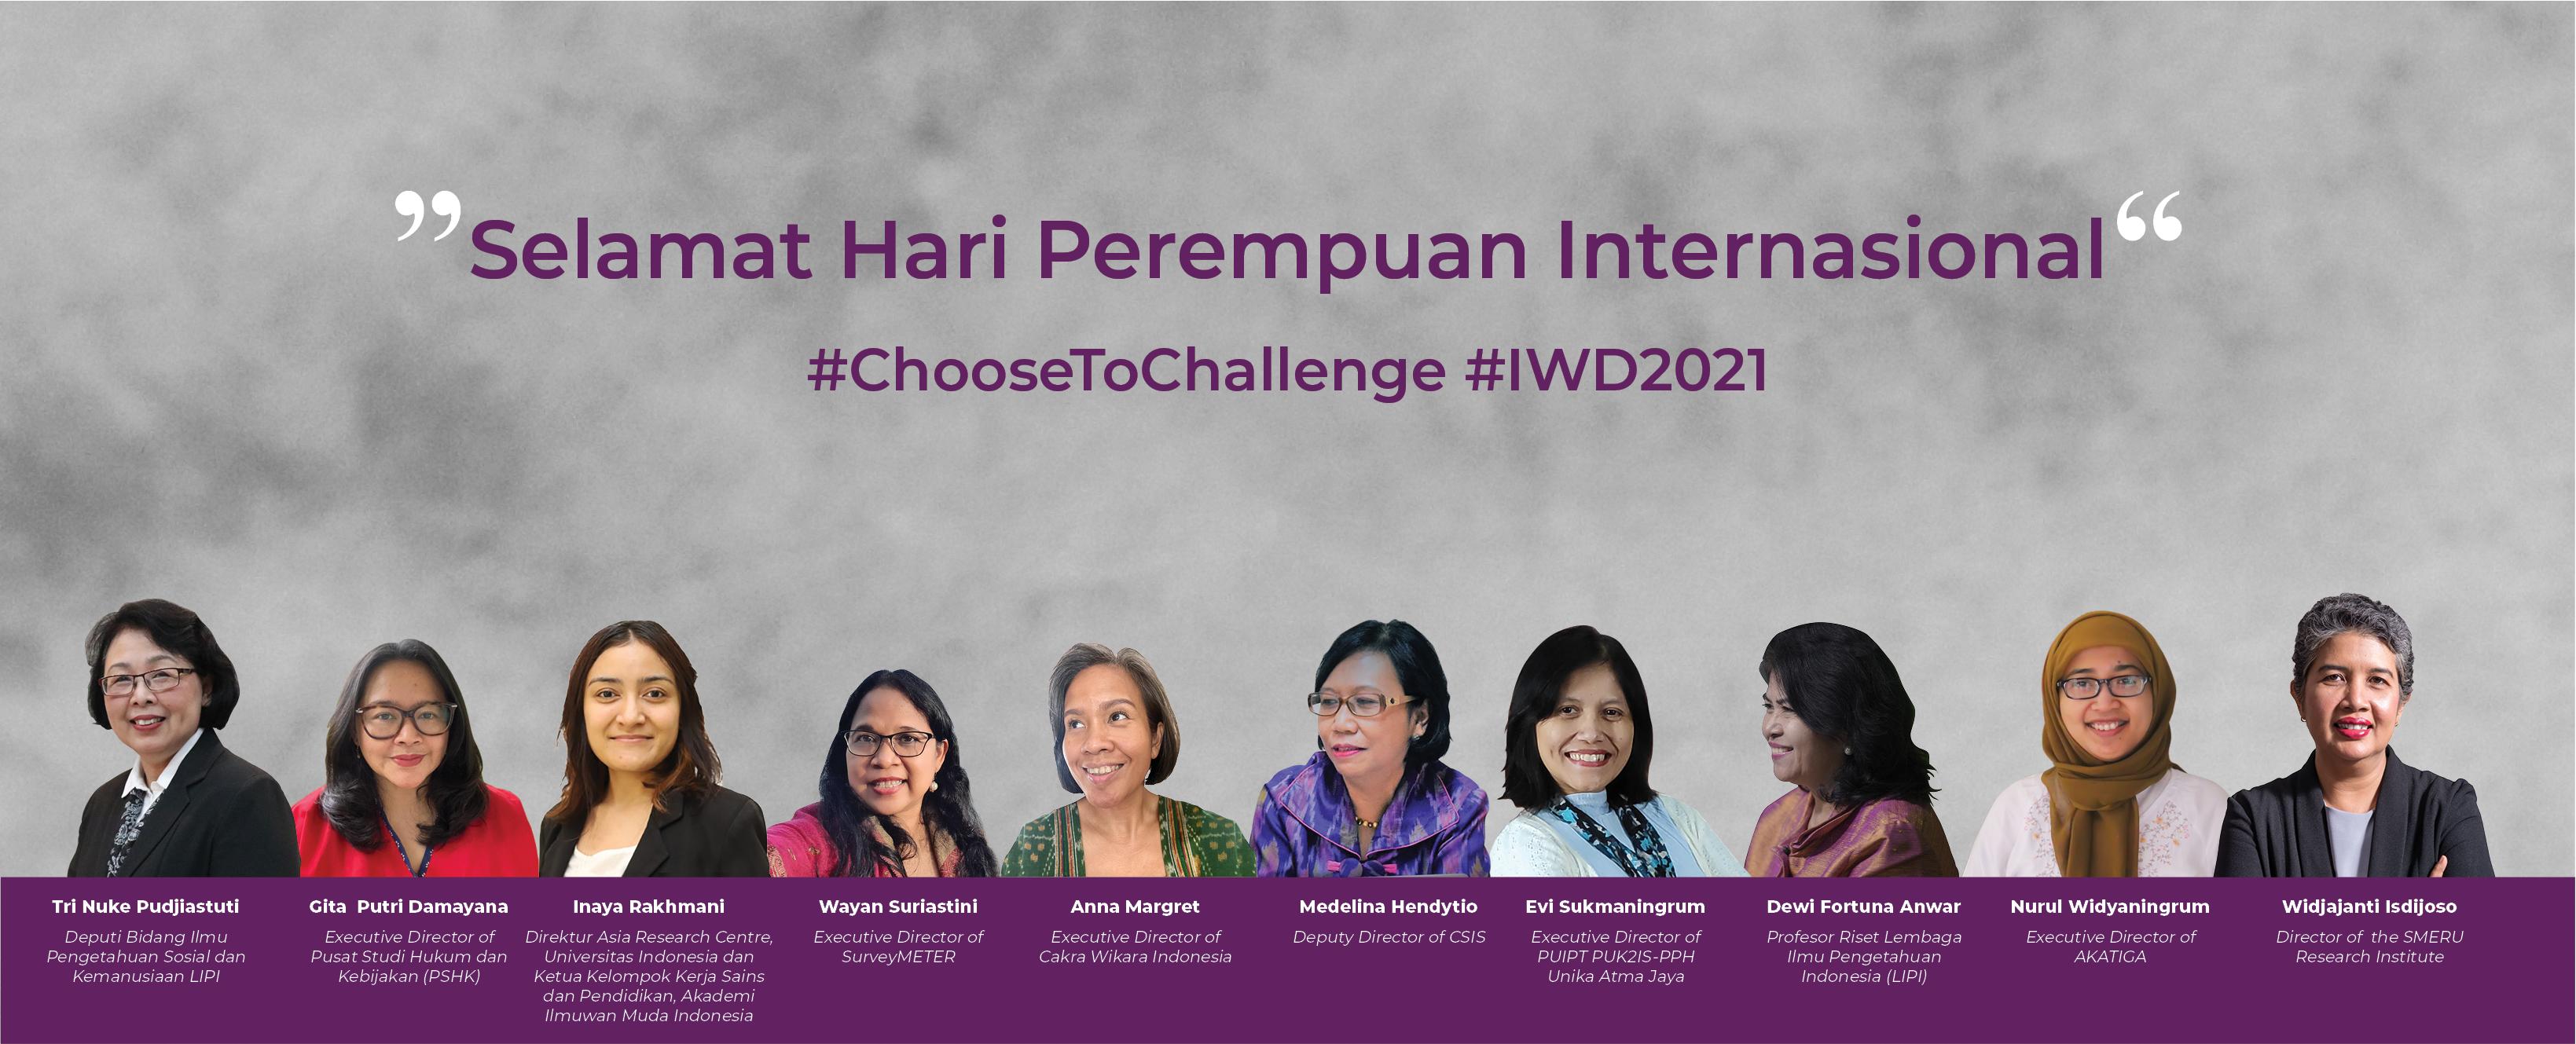 Selamat Hari Perempuan Internasional 2021